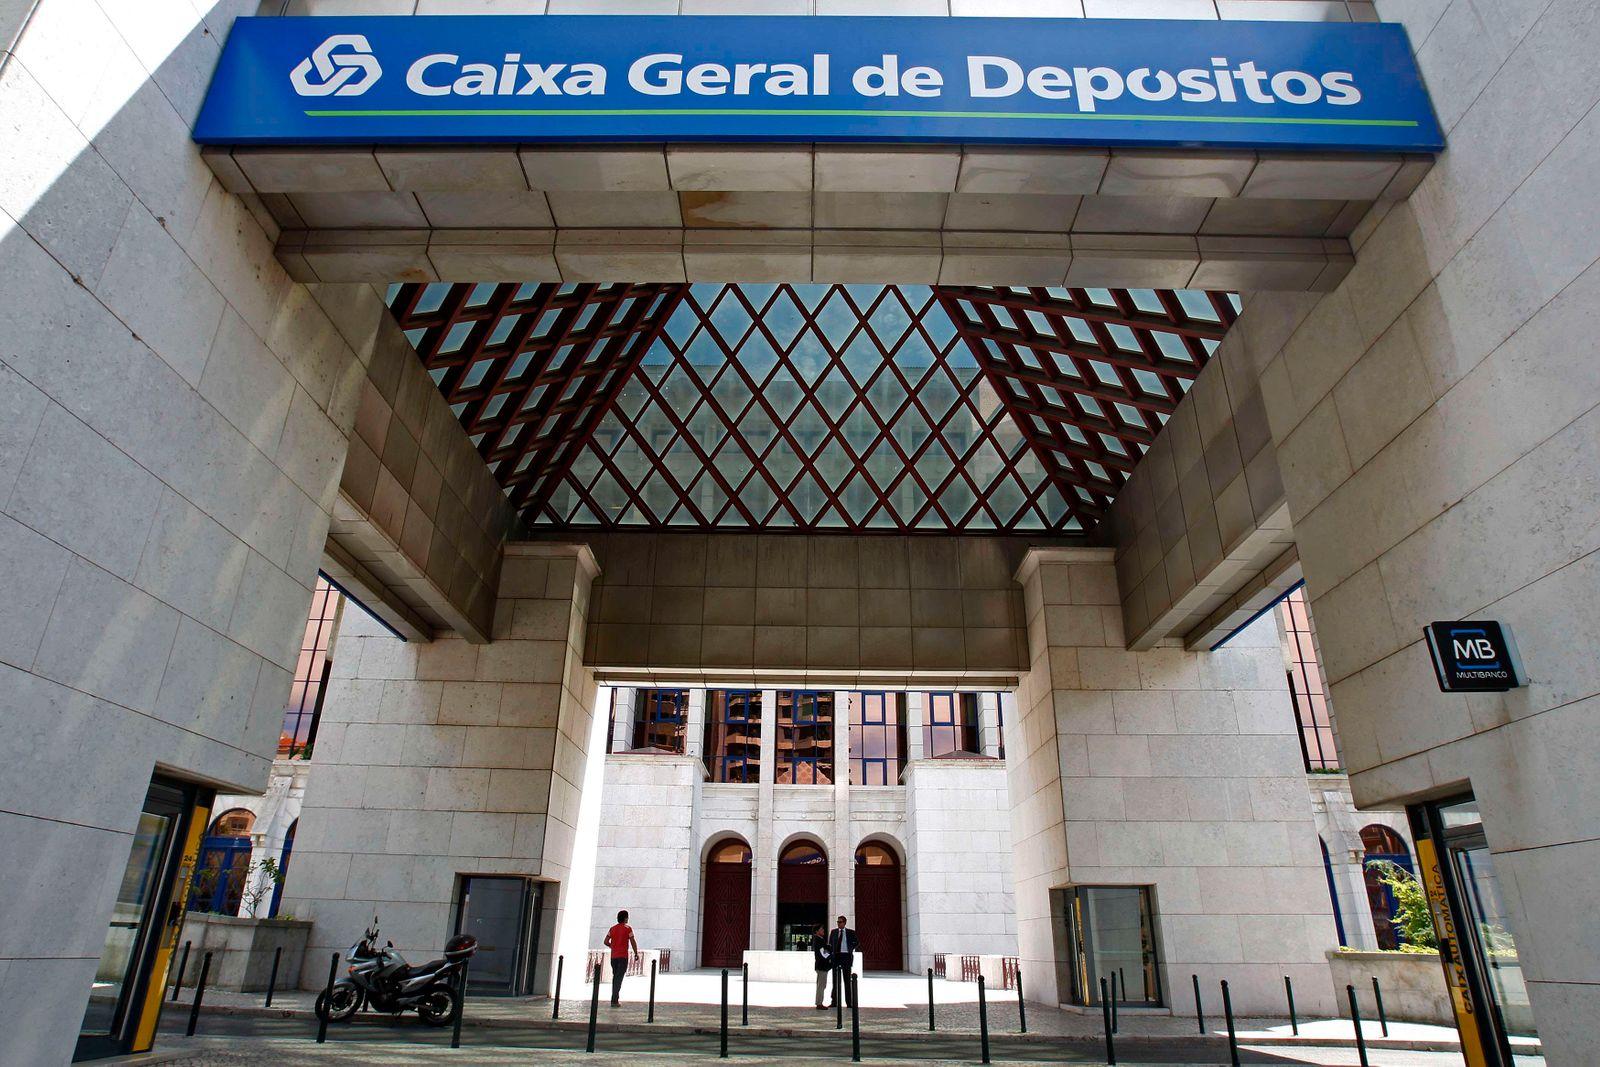 Portugal, Lissabon / Caixa Geral de Depósitos, Sparkasse